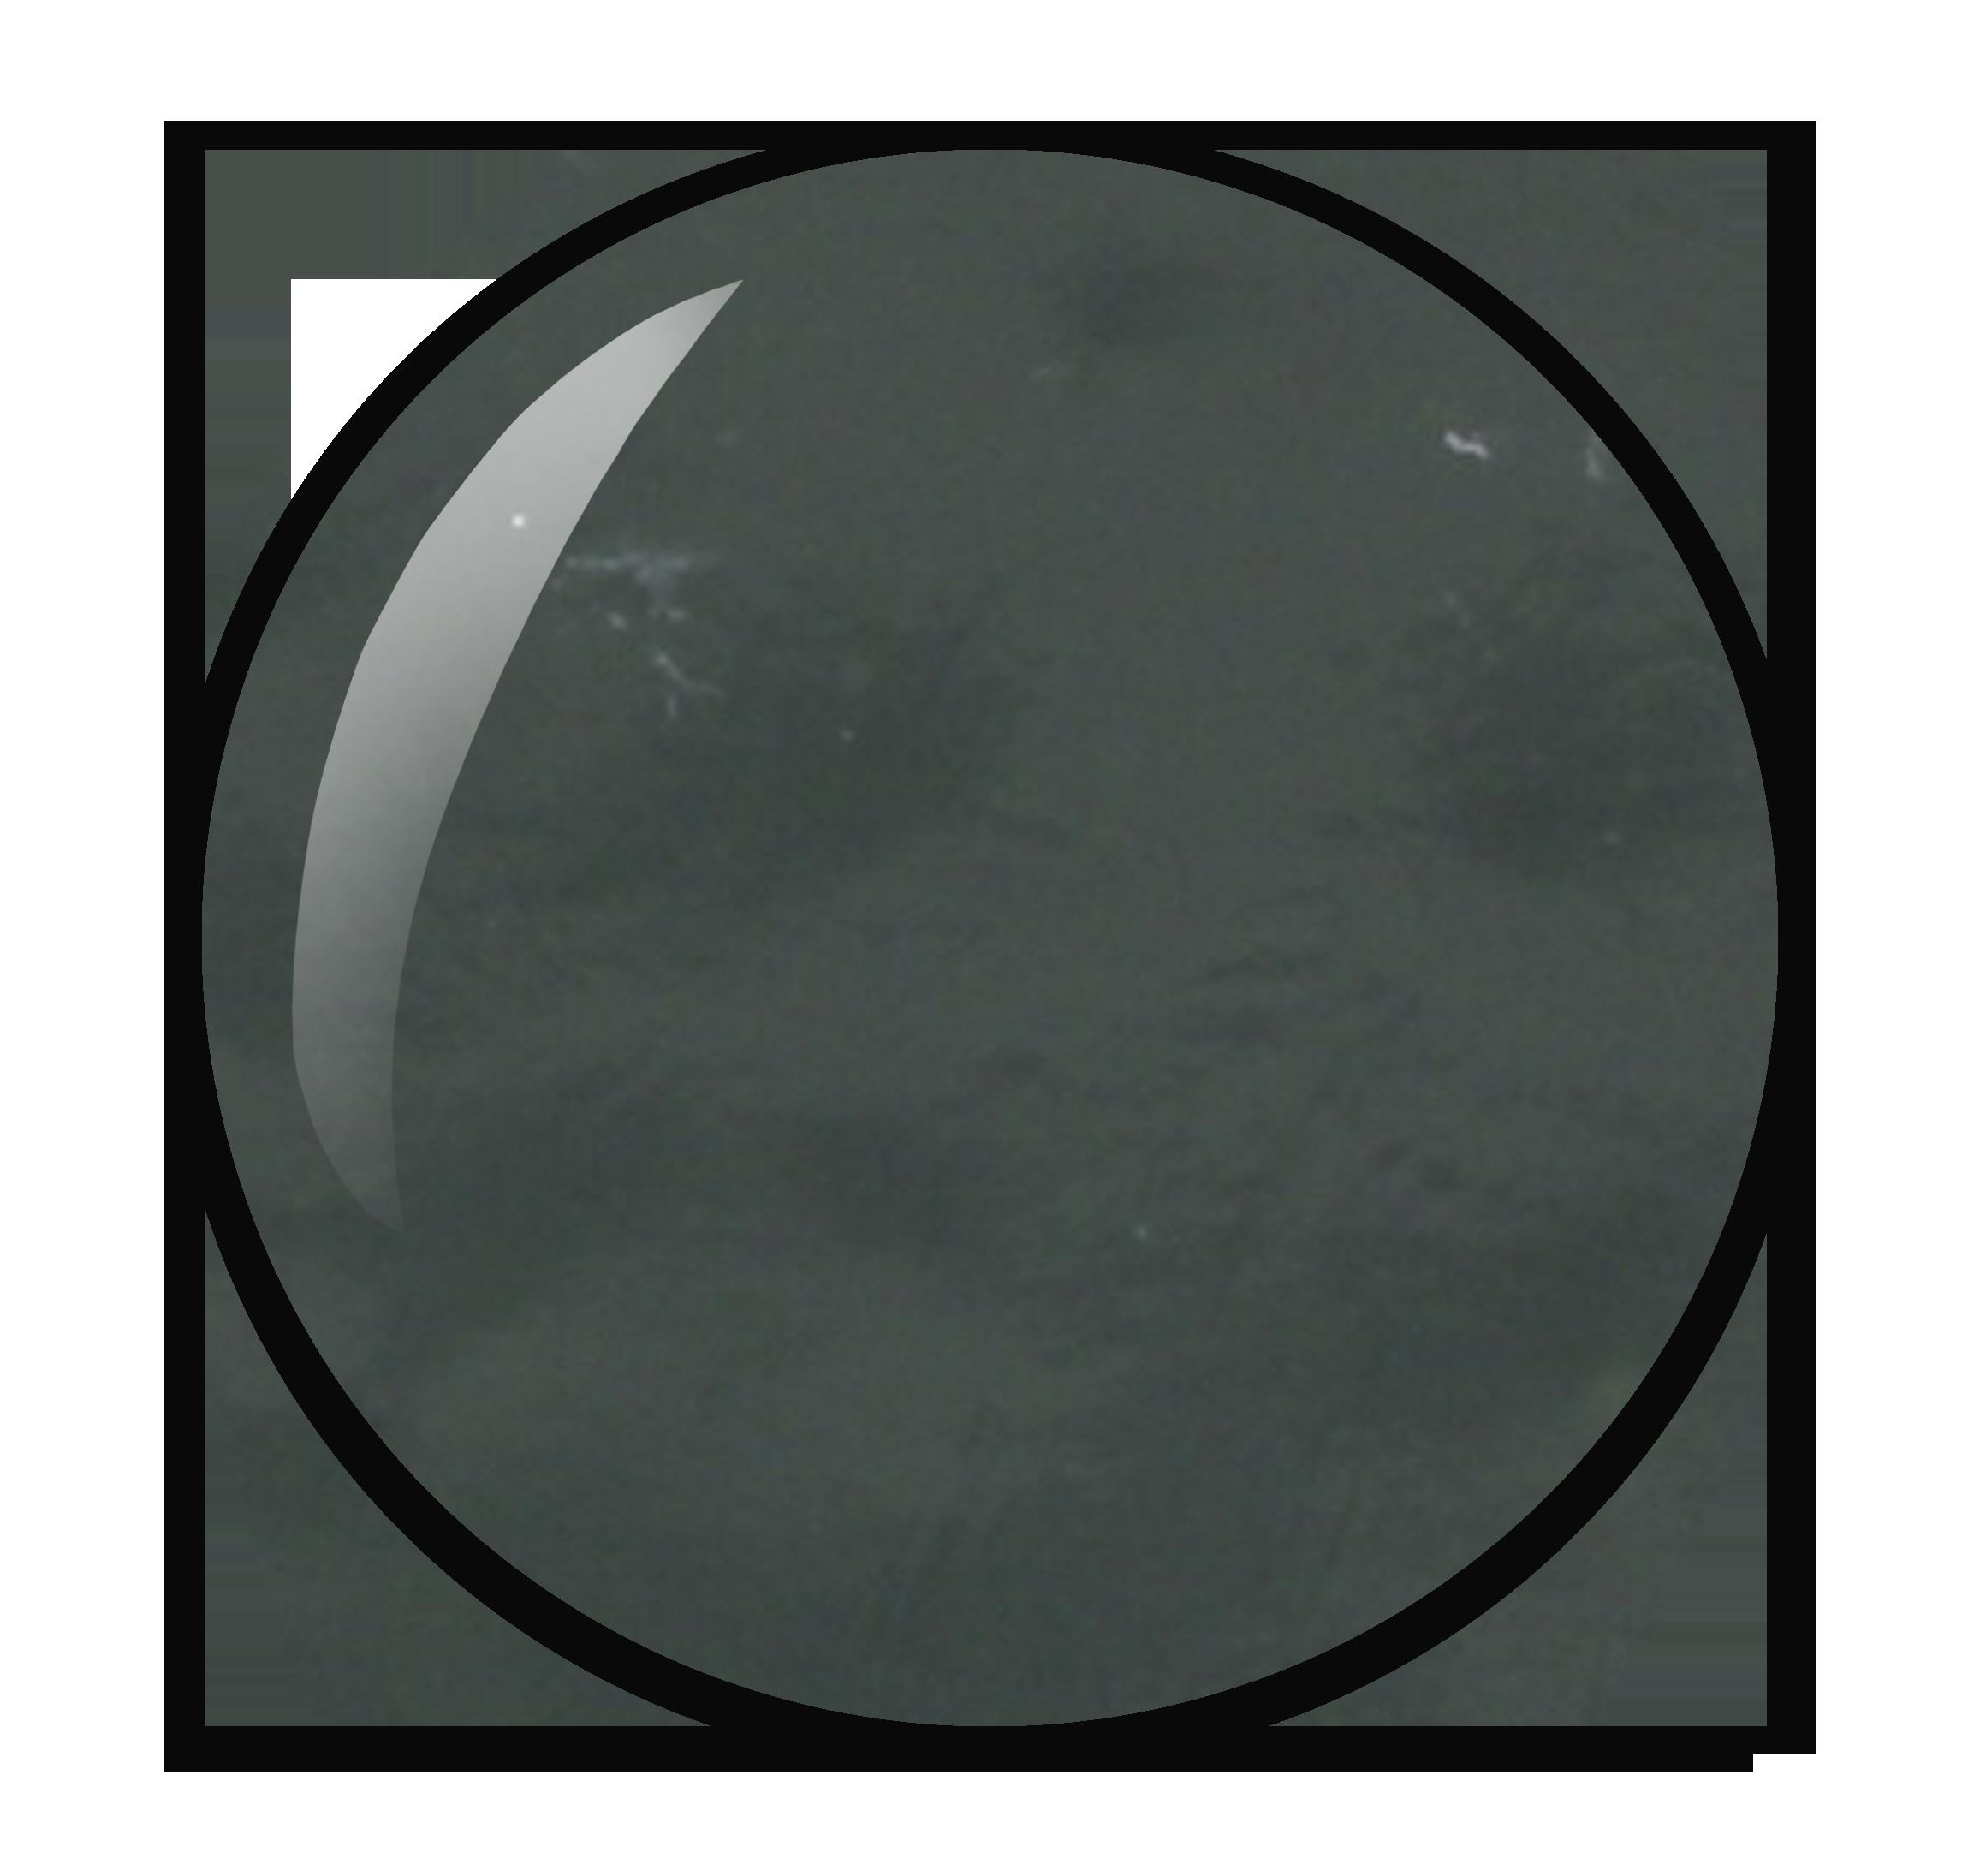 donkergroene nagellak kleurnummer 170 uit de Herôme nagellak collectie